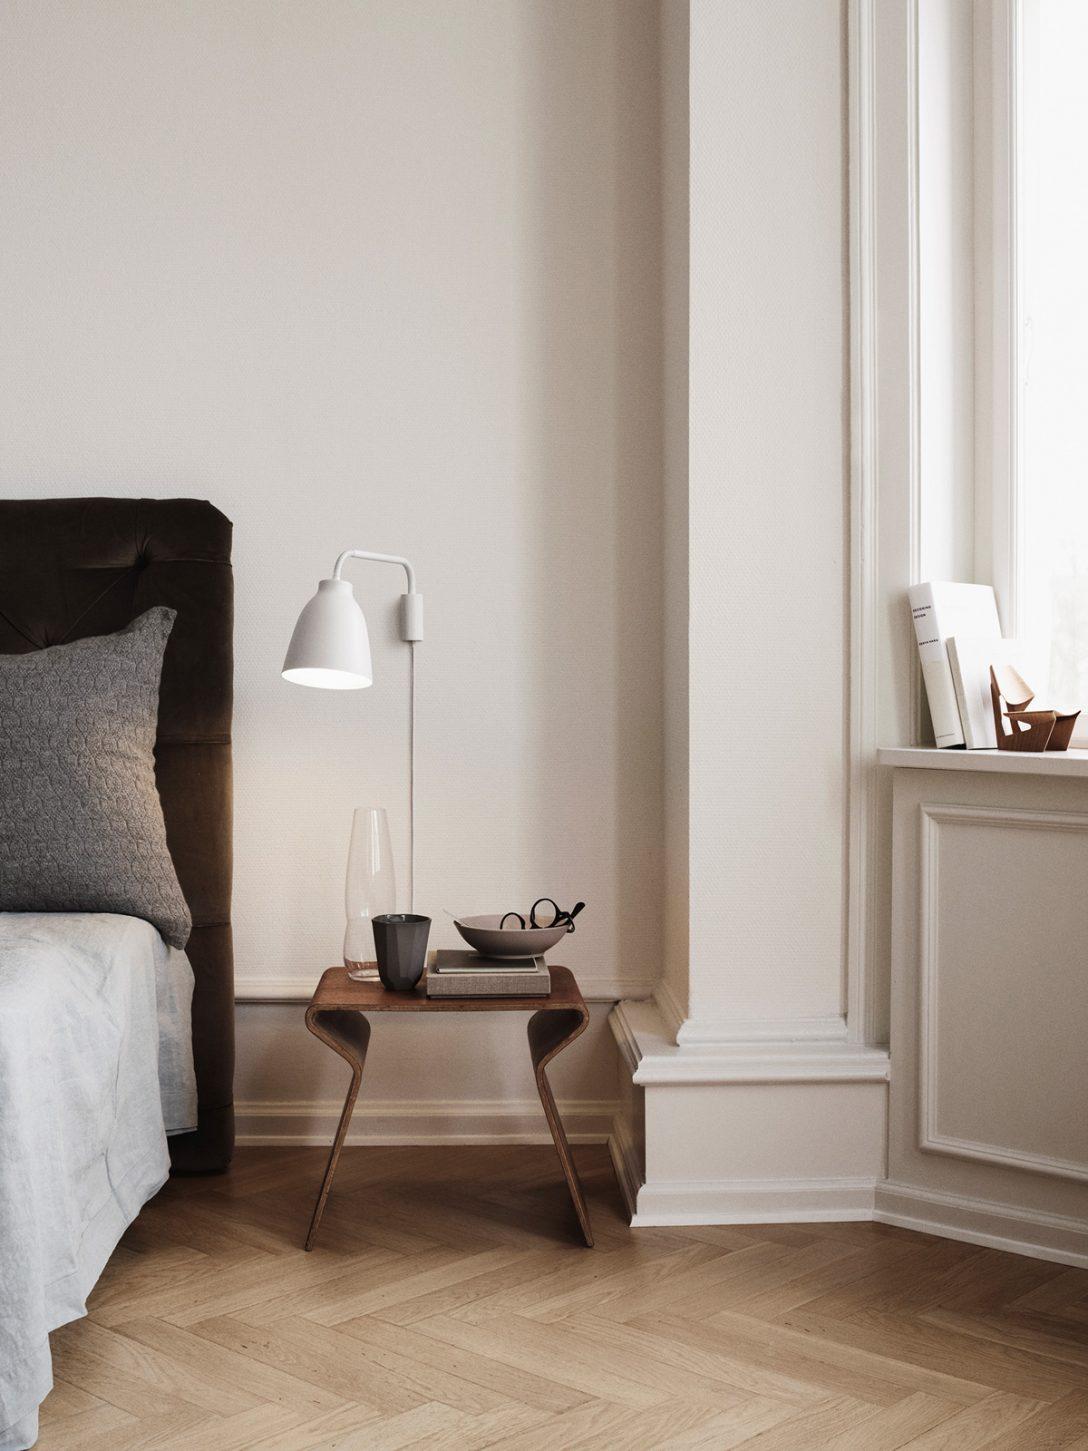 Large Size of Wandlampen Schlafzimmer Schwenkbar Ikea Wandlampe Dimmbar Mit Schalter Design Holz Wandleuchte Leselampe Led Modern Lampen Frs Wandleuchten Teil 3 Designortcom Schlafzimmer Schlafzimmer Wandlampe